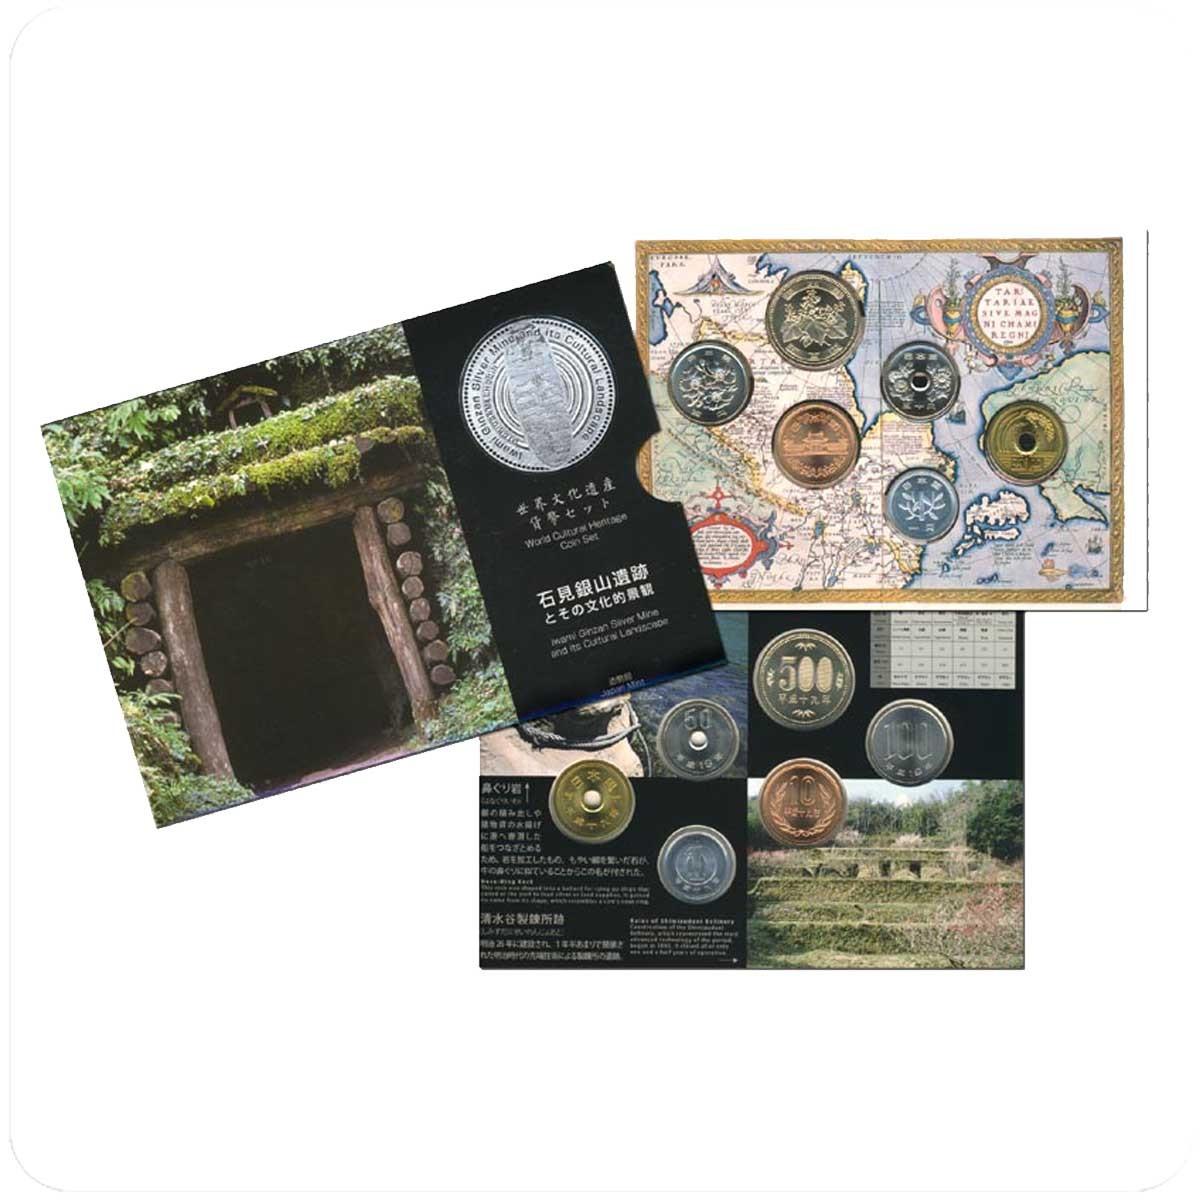 Япония набор монет 2007 года Iwami Ginzan Серебряный Рудник и его культурный ландшафт